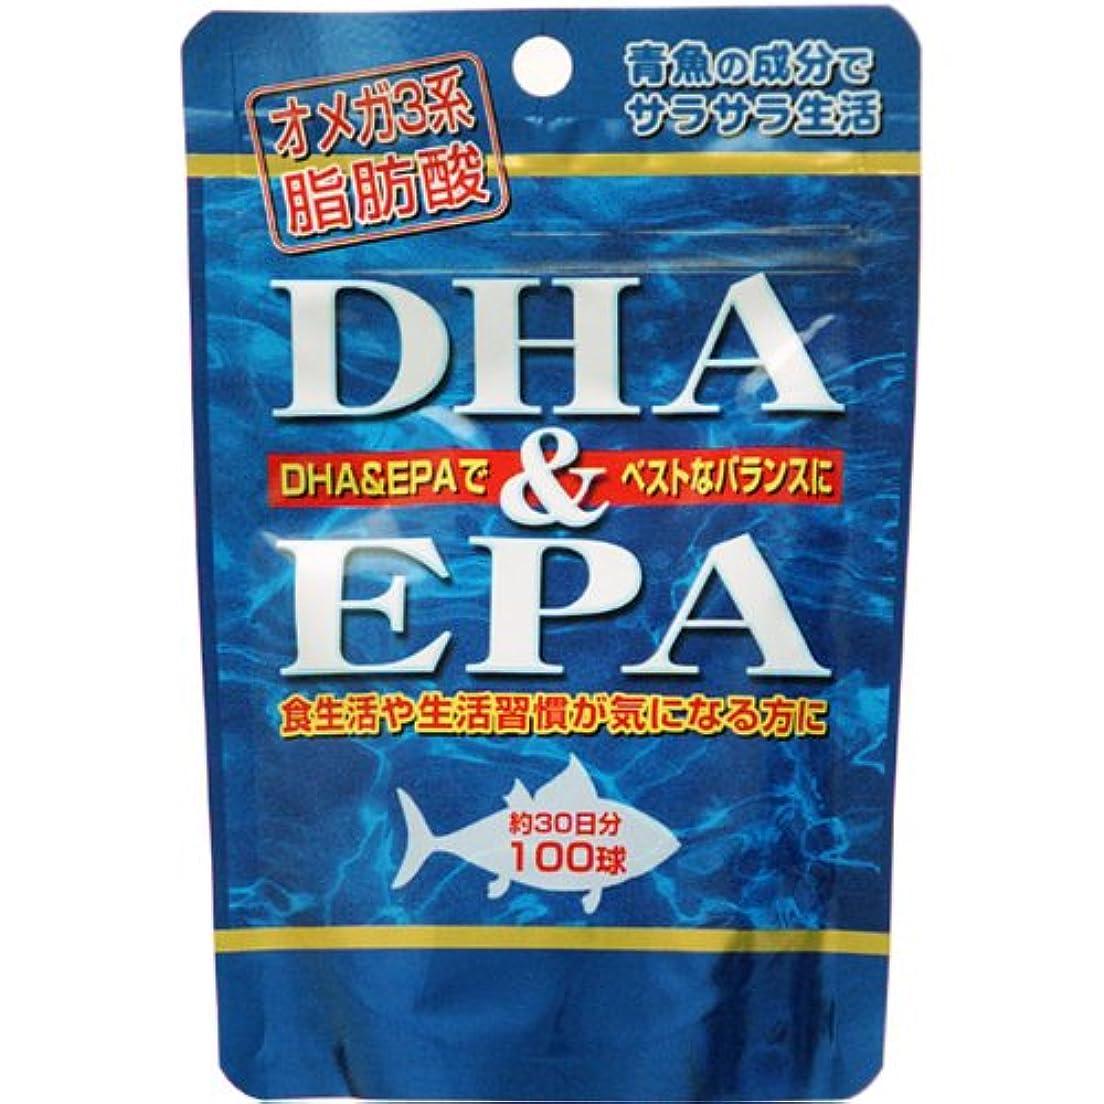 面白いウールただDHA(ドコサヘキサエン酸)&EPA(エイコサペンタエン酸)×6